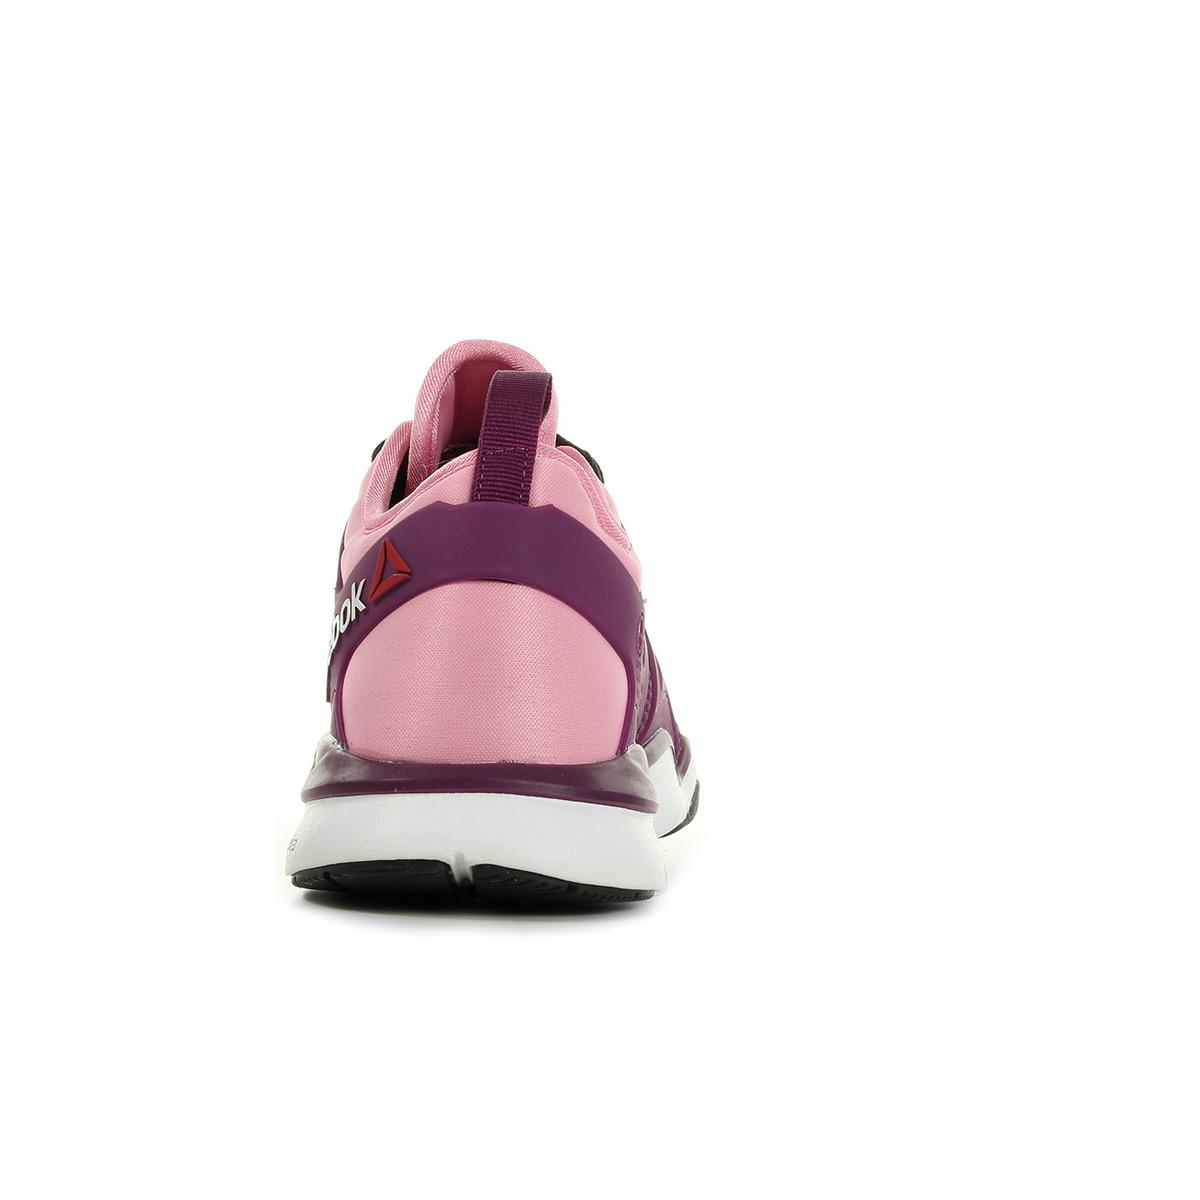 Reebok Zcut TR 3.0 V72045, Baskets mode femme